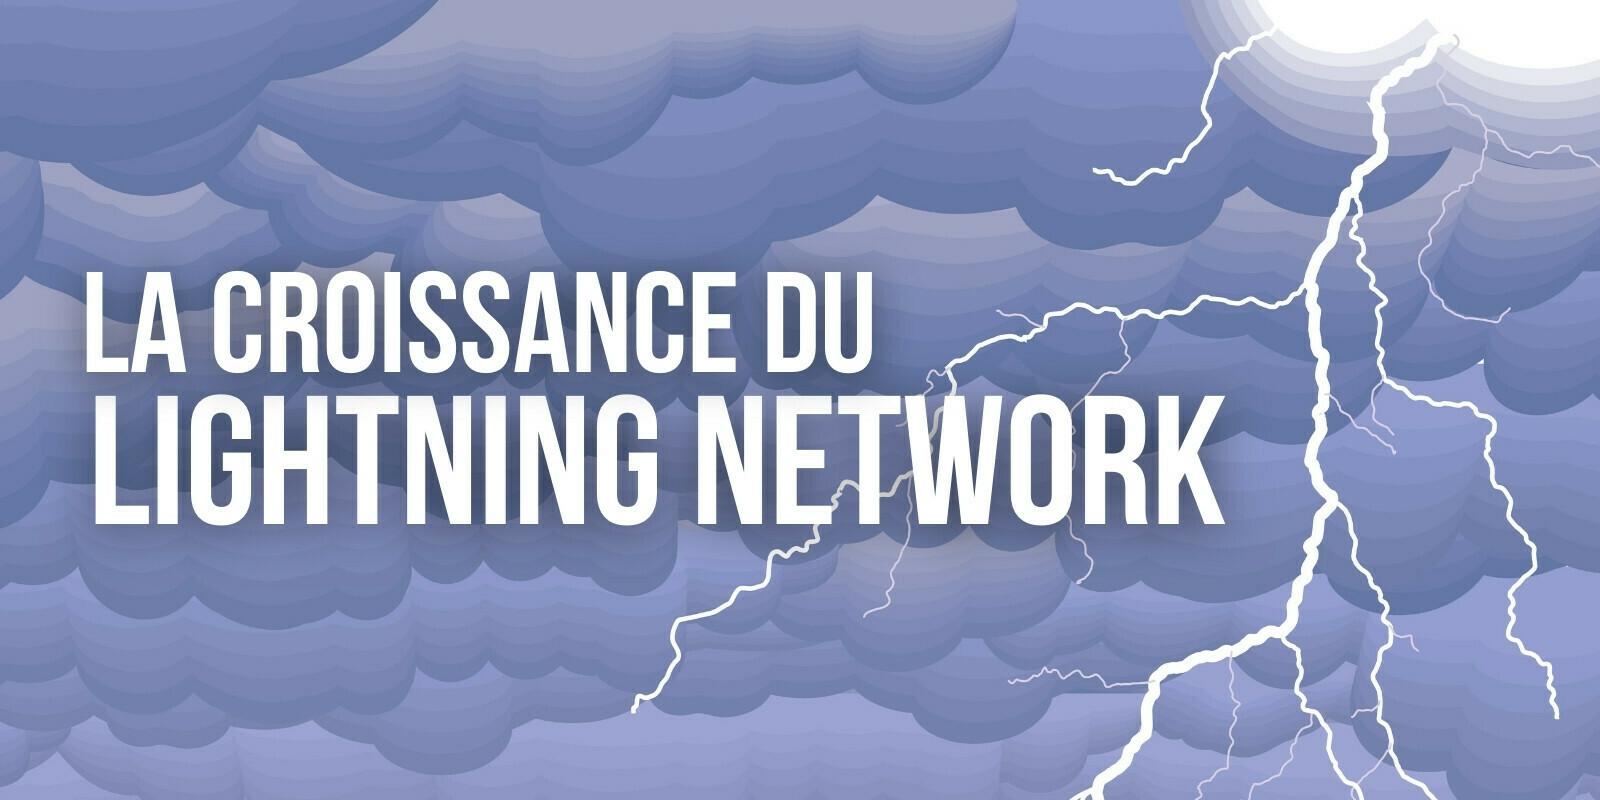 Le Lightning Network pourrait atteindre 700 millions d'utilisateurs d'ici à 2030, selon un rapport